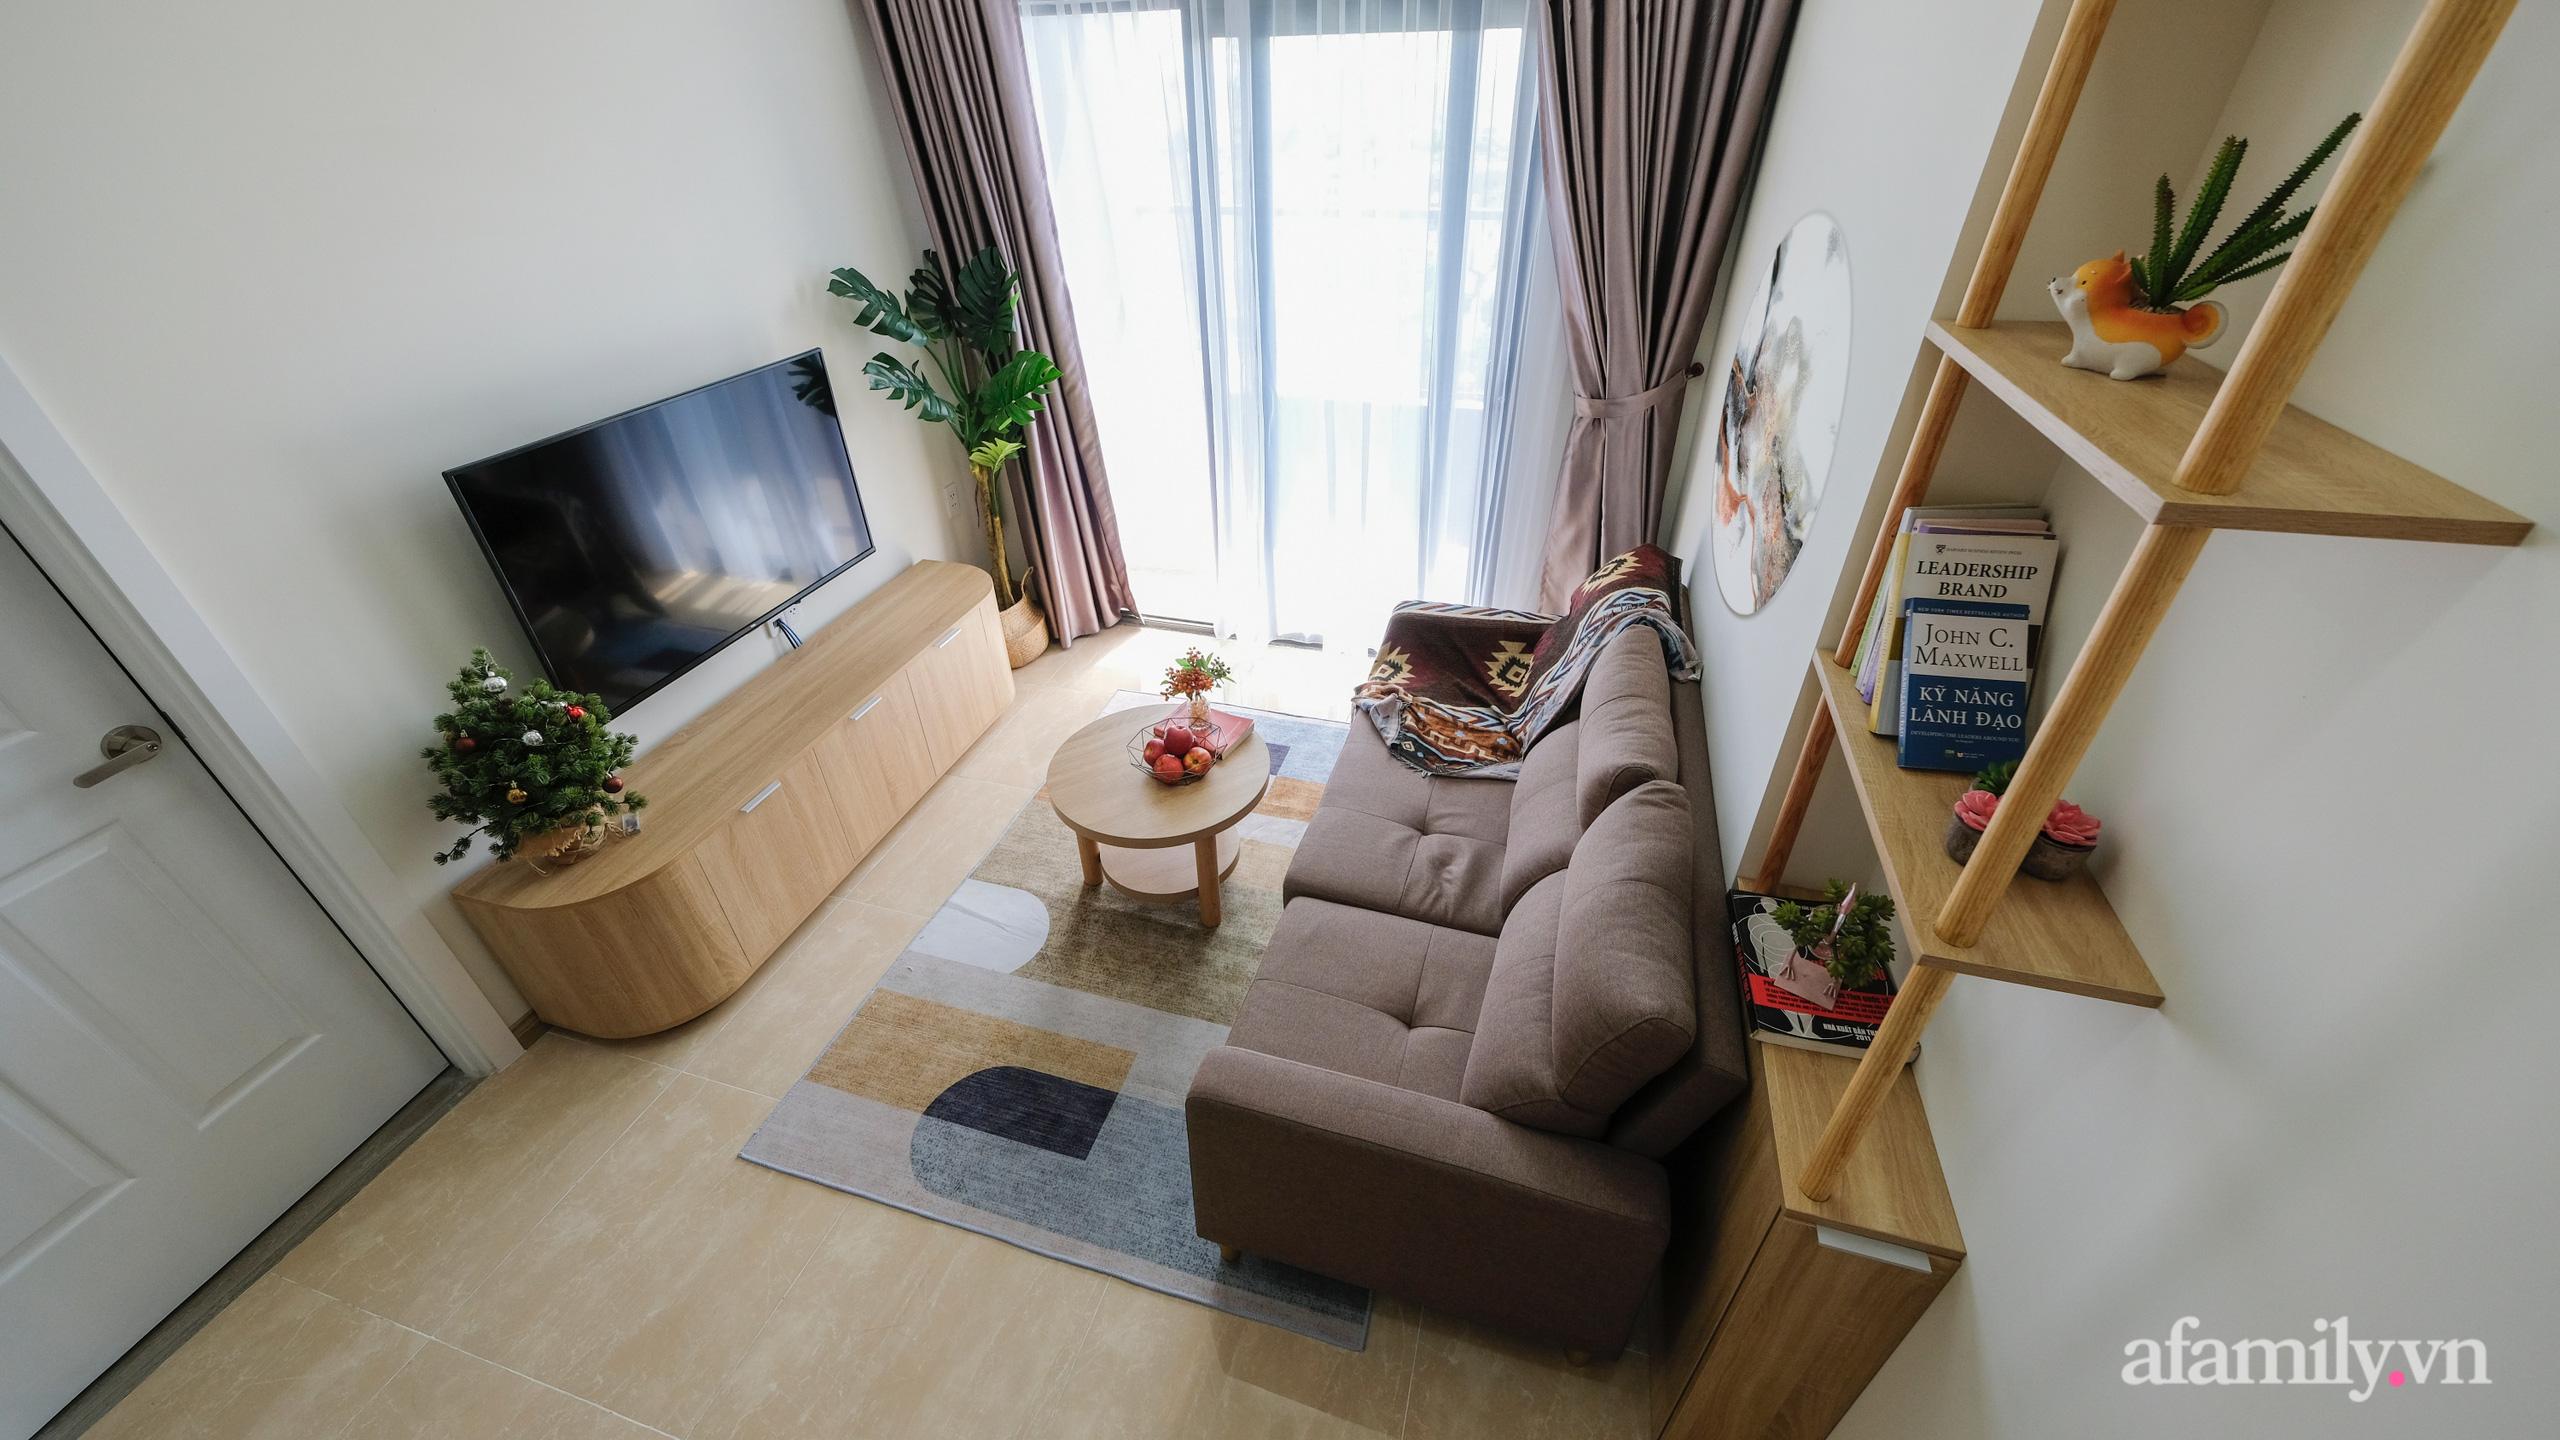 Căn hộ 75m² view sông Hàn đắt giá nhưng được thiết kế nội thất bình dị, ấm áp có chi phí 78 triệu đồng ở TP Đà Nẵng - Ảnh 1.